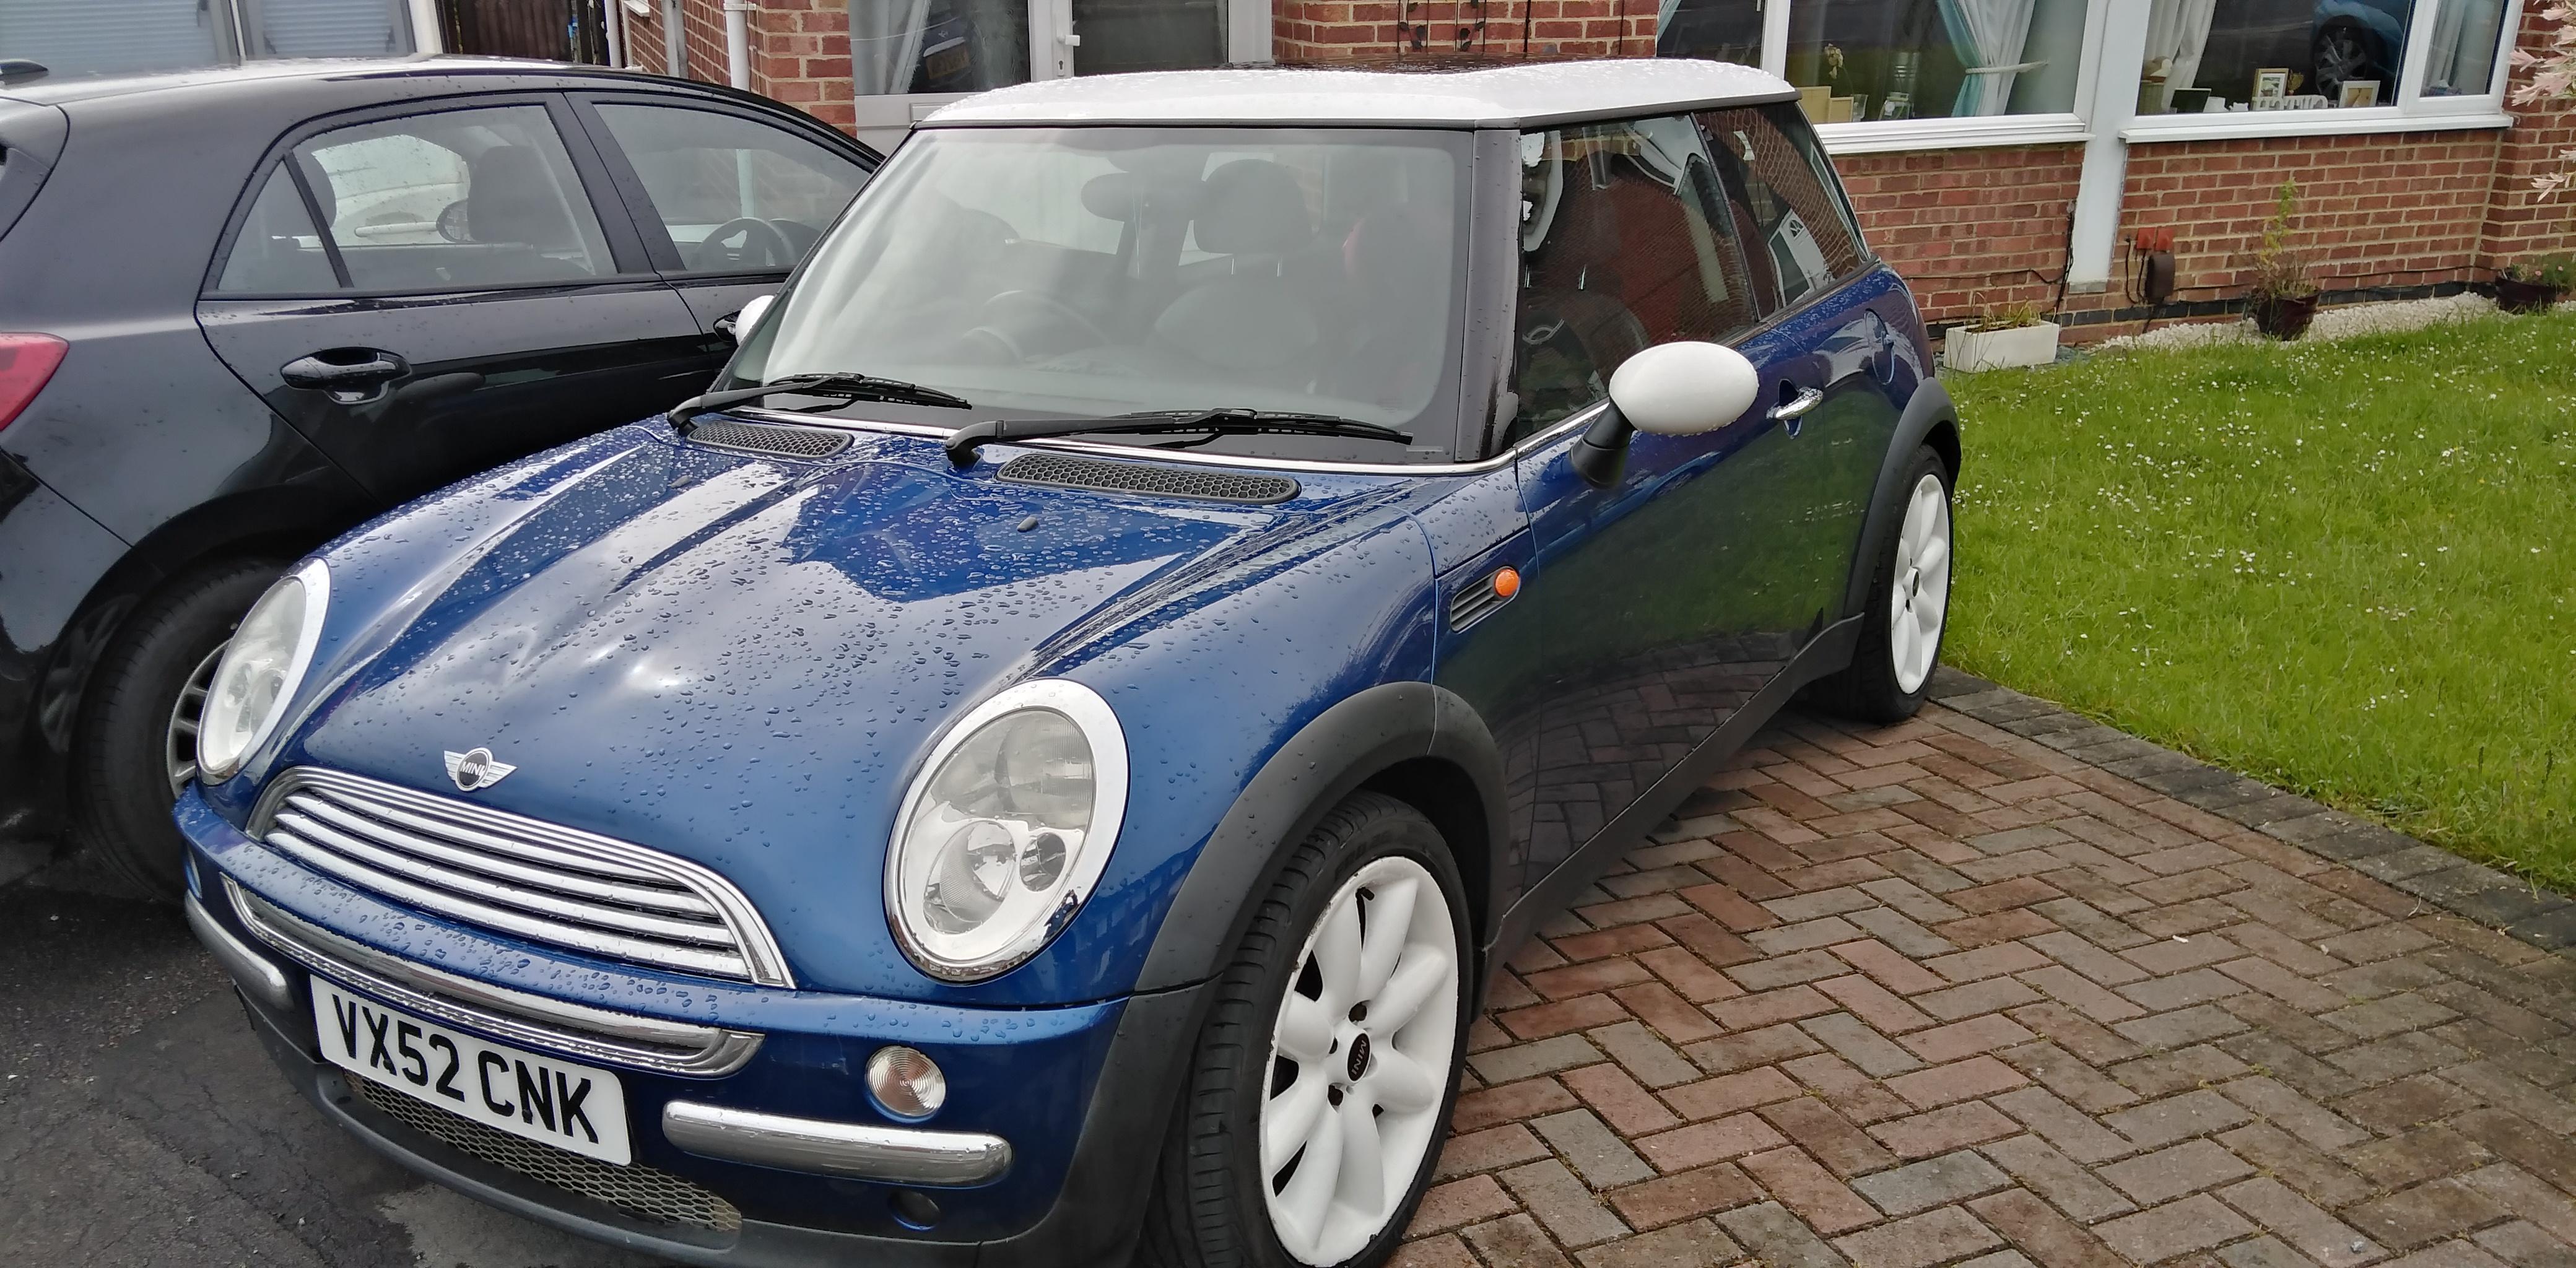 2002 Mini Cooper in Trowbridge - Sold | Friday-Ad